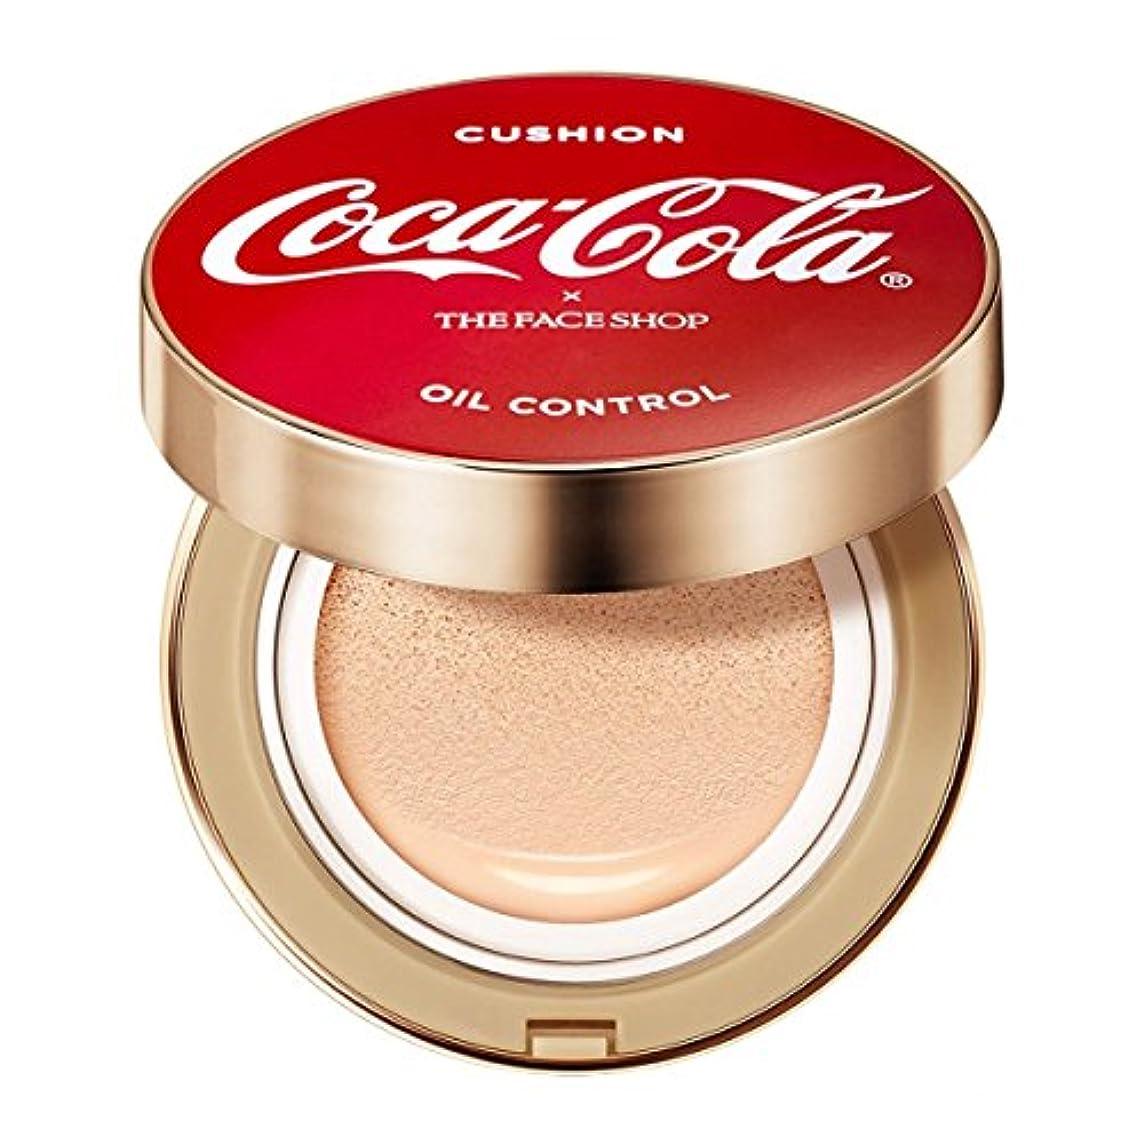 コカ?コーラ×THE FACE SHOP コットンフィット ウォータークッション ~ コカ?コーラ公式グッズ V201 Apricot Beige